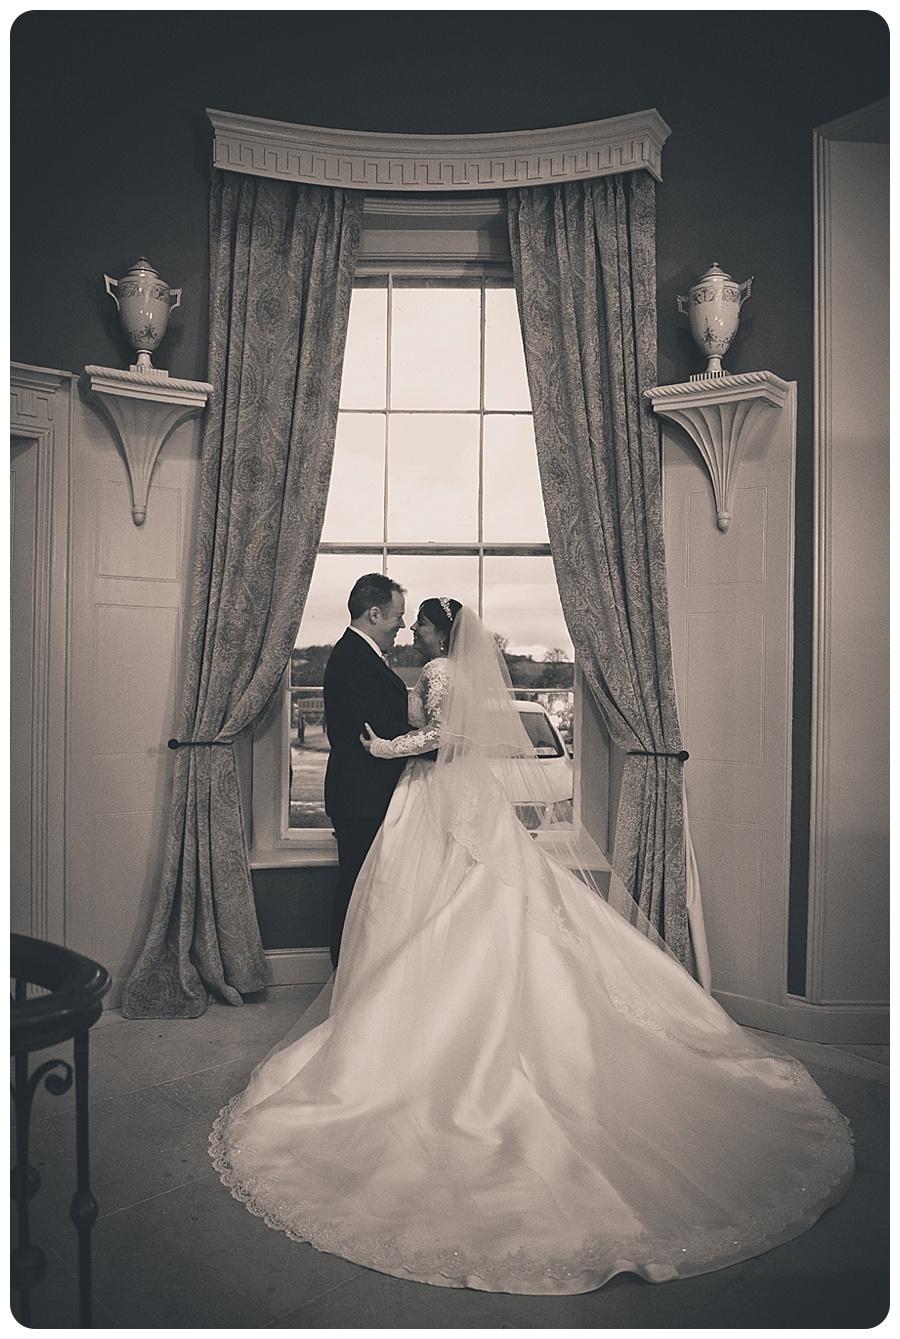 Andrea & Niall's wedding at Farnham Estate by Ciaran O'Neill Photography